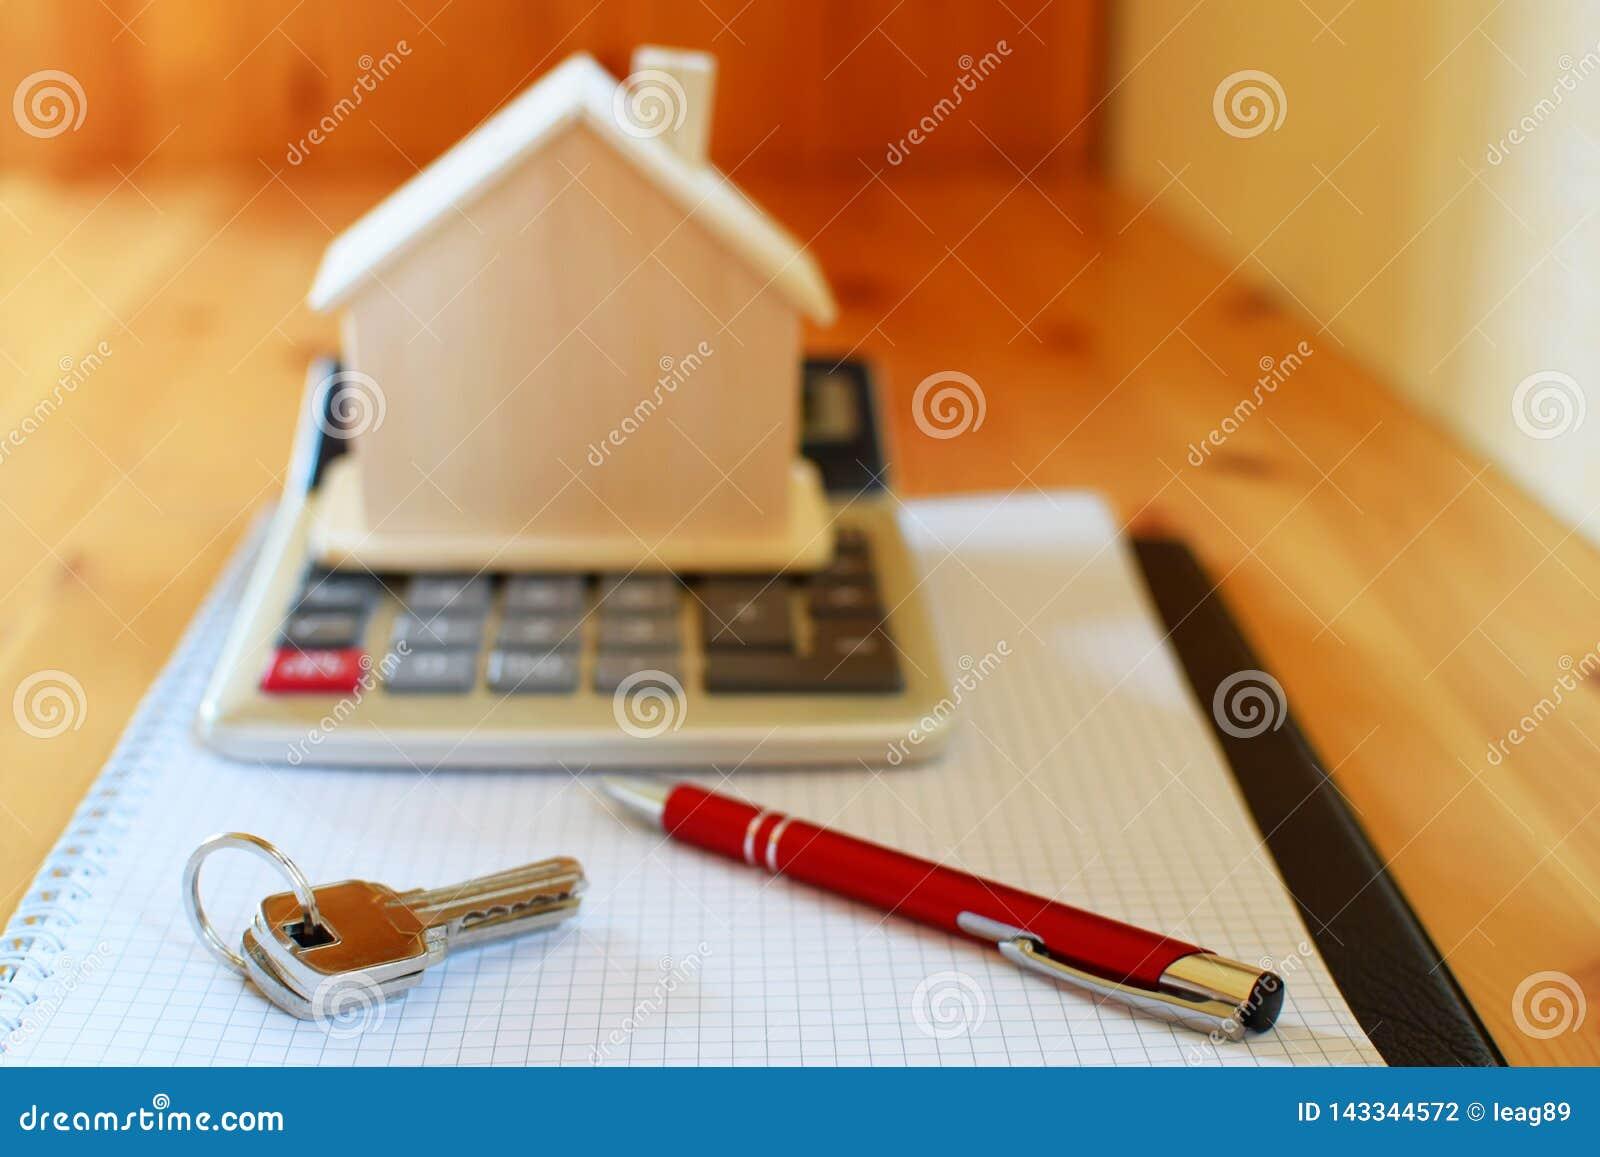 Carnet de papier avec la calculatrice, le modèle de maison, les clés et le stylo sur la table en bois